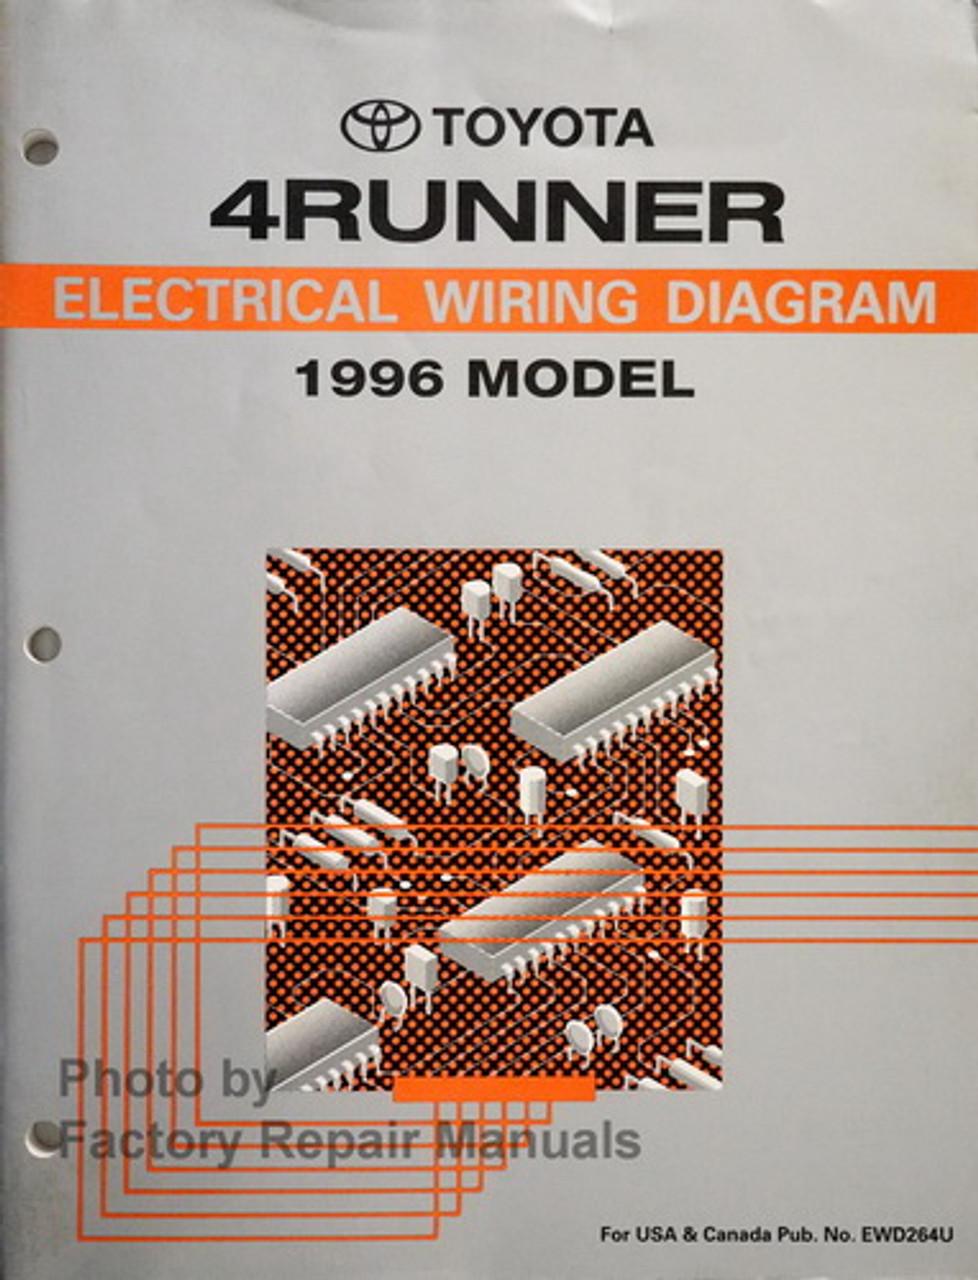 1996 Toyota 4Runner Electrical Wiring Diagrams Original Factory Manual -  Factory Repair ManualsFactory Repair Manuals